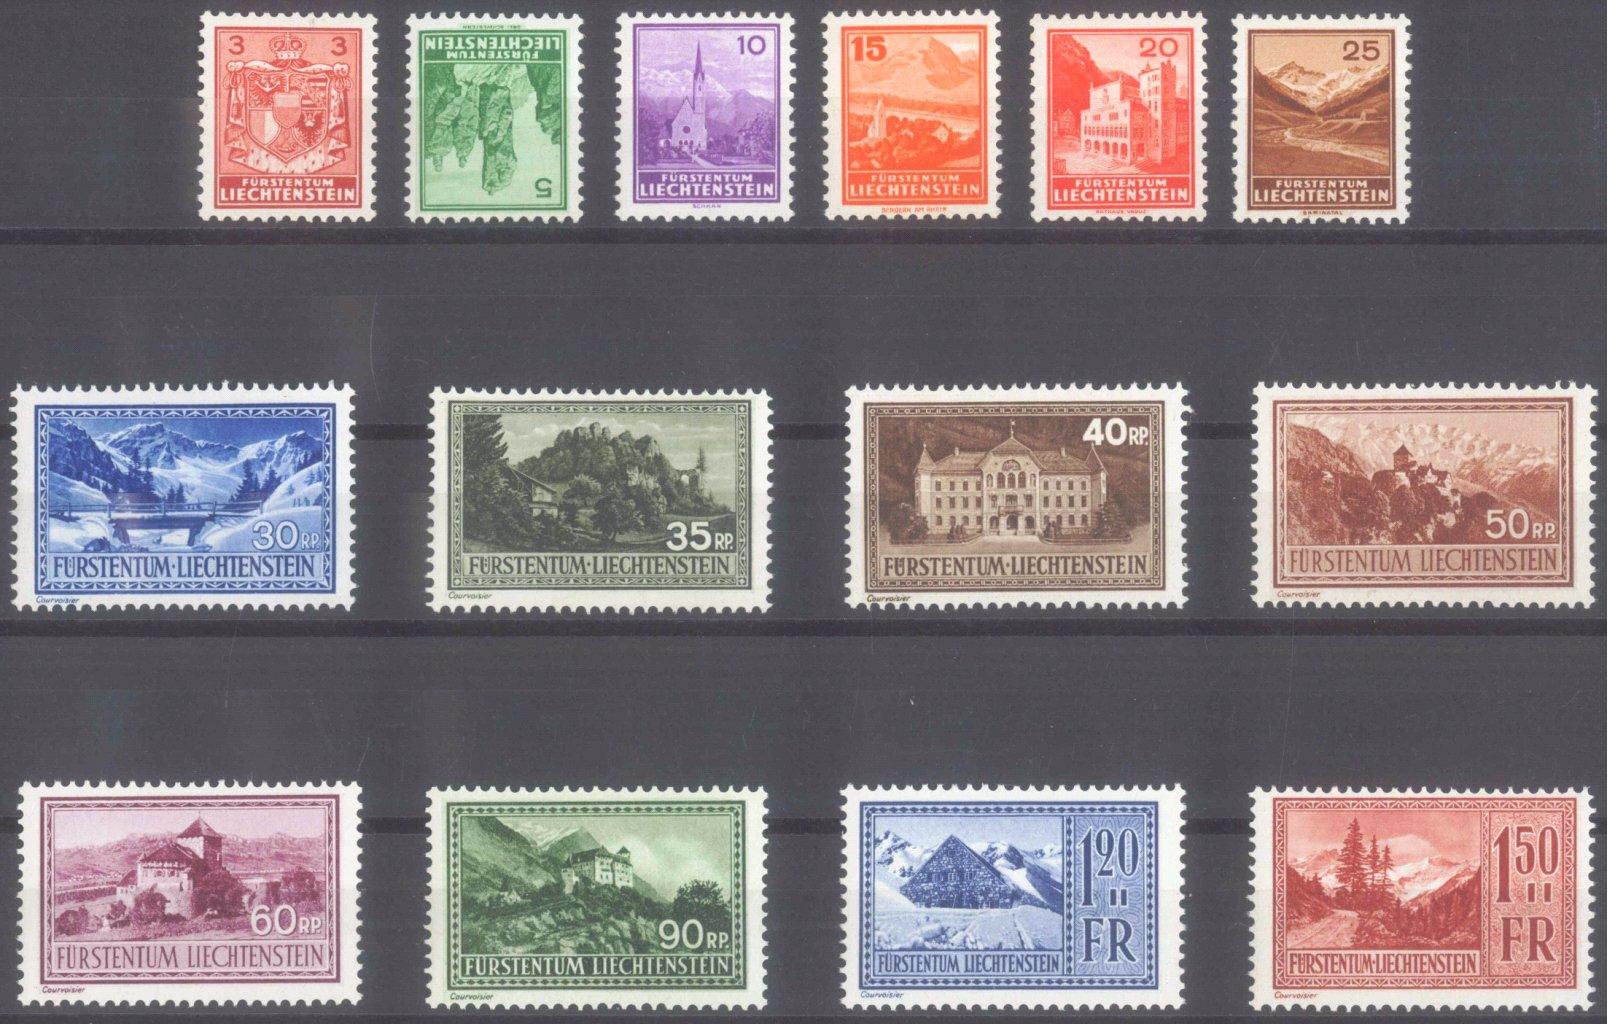 LIECHTENSTEIN 1934/1935, Landschaften